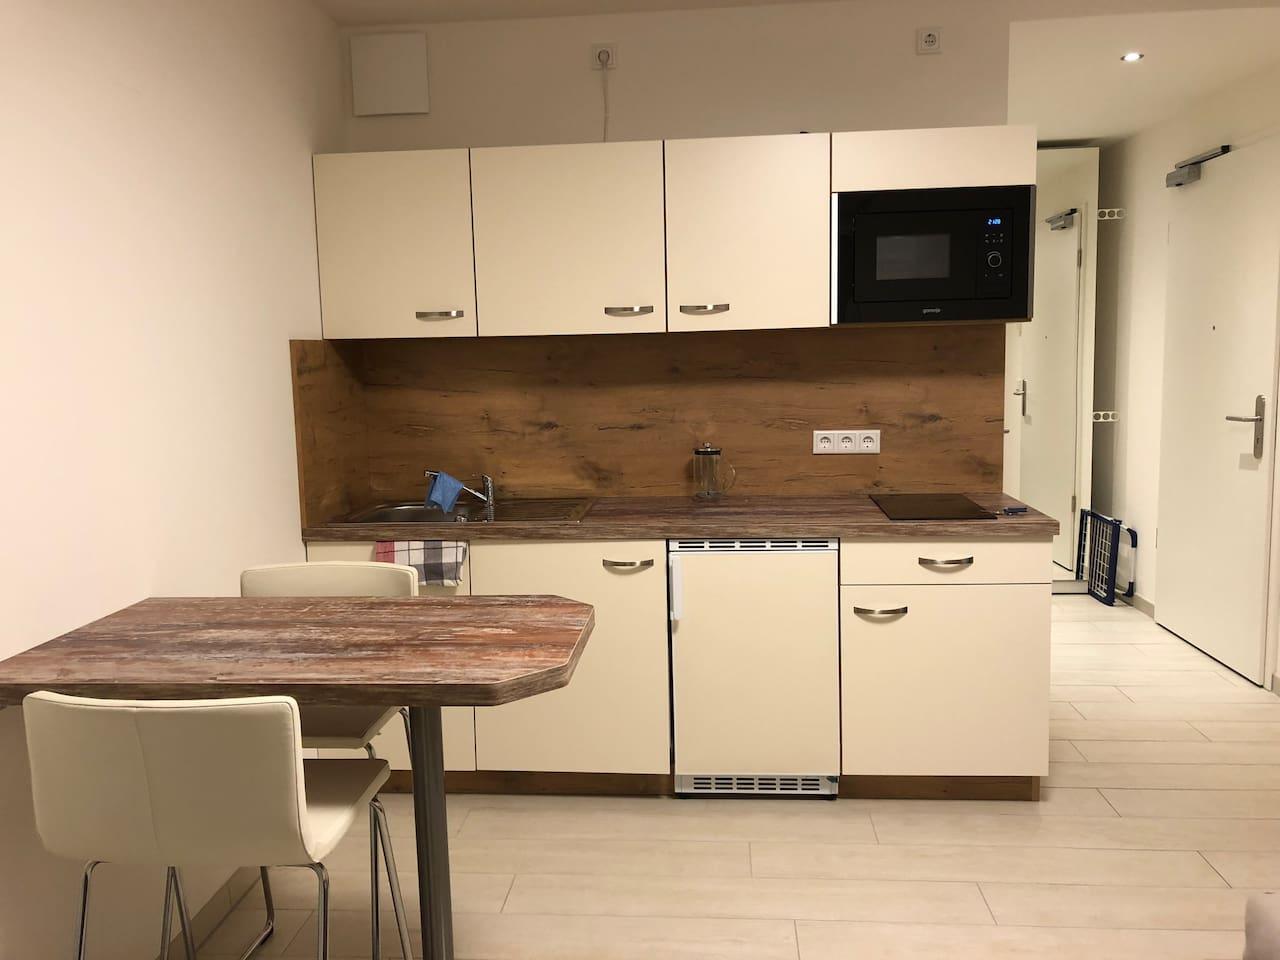 Küche, Kühlschrank, Waschmaschine, Geschirr und Kochuntensilien